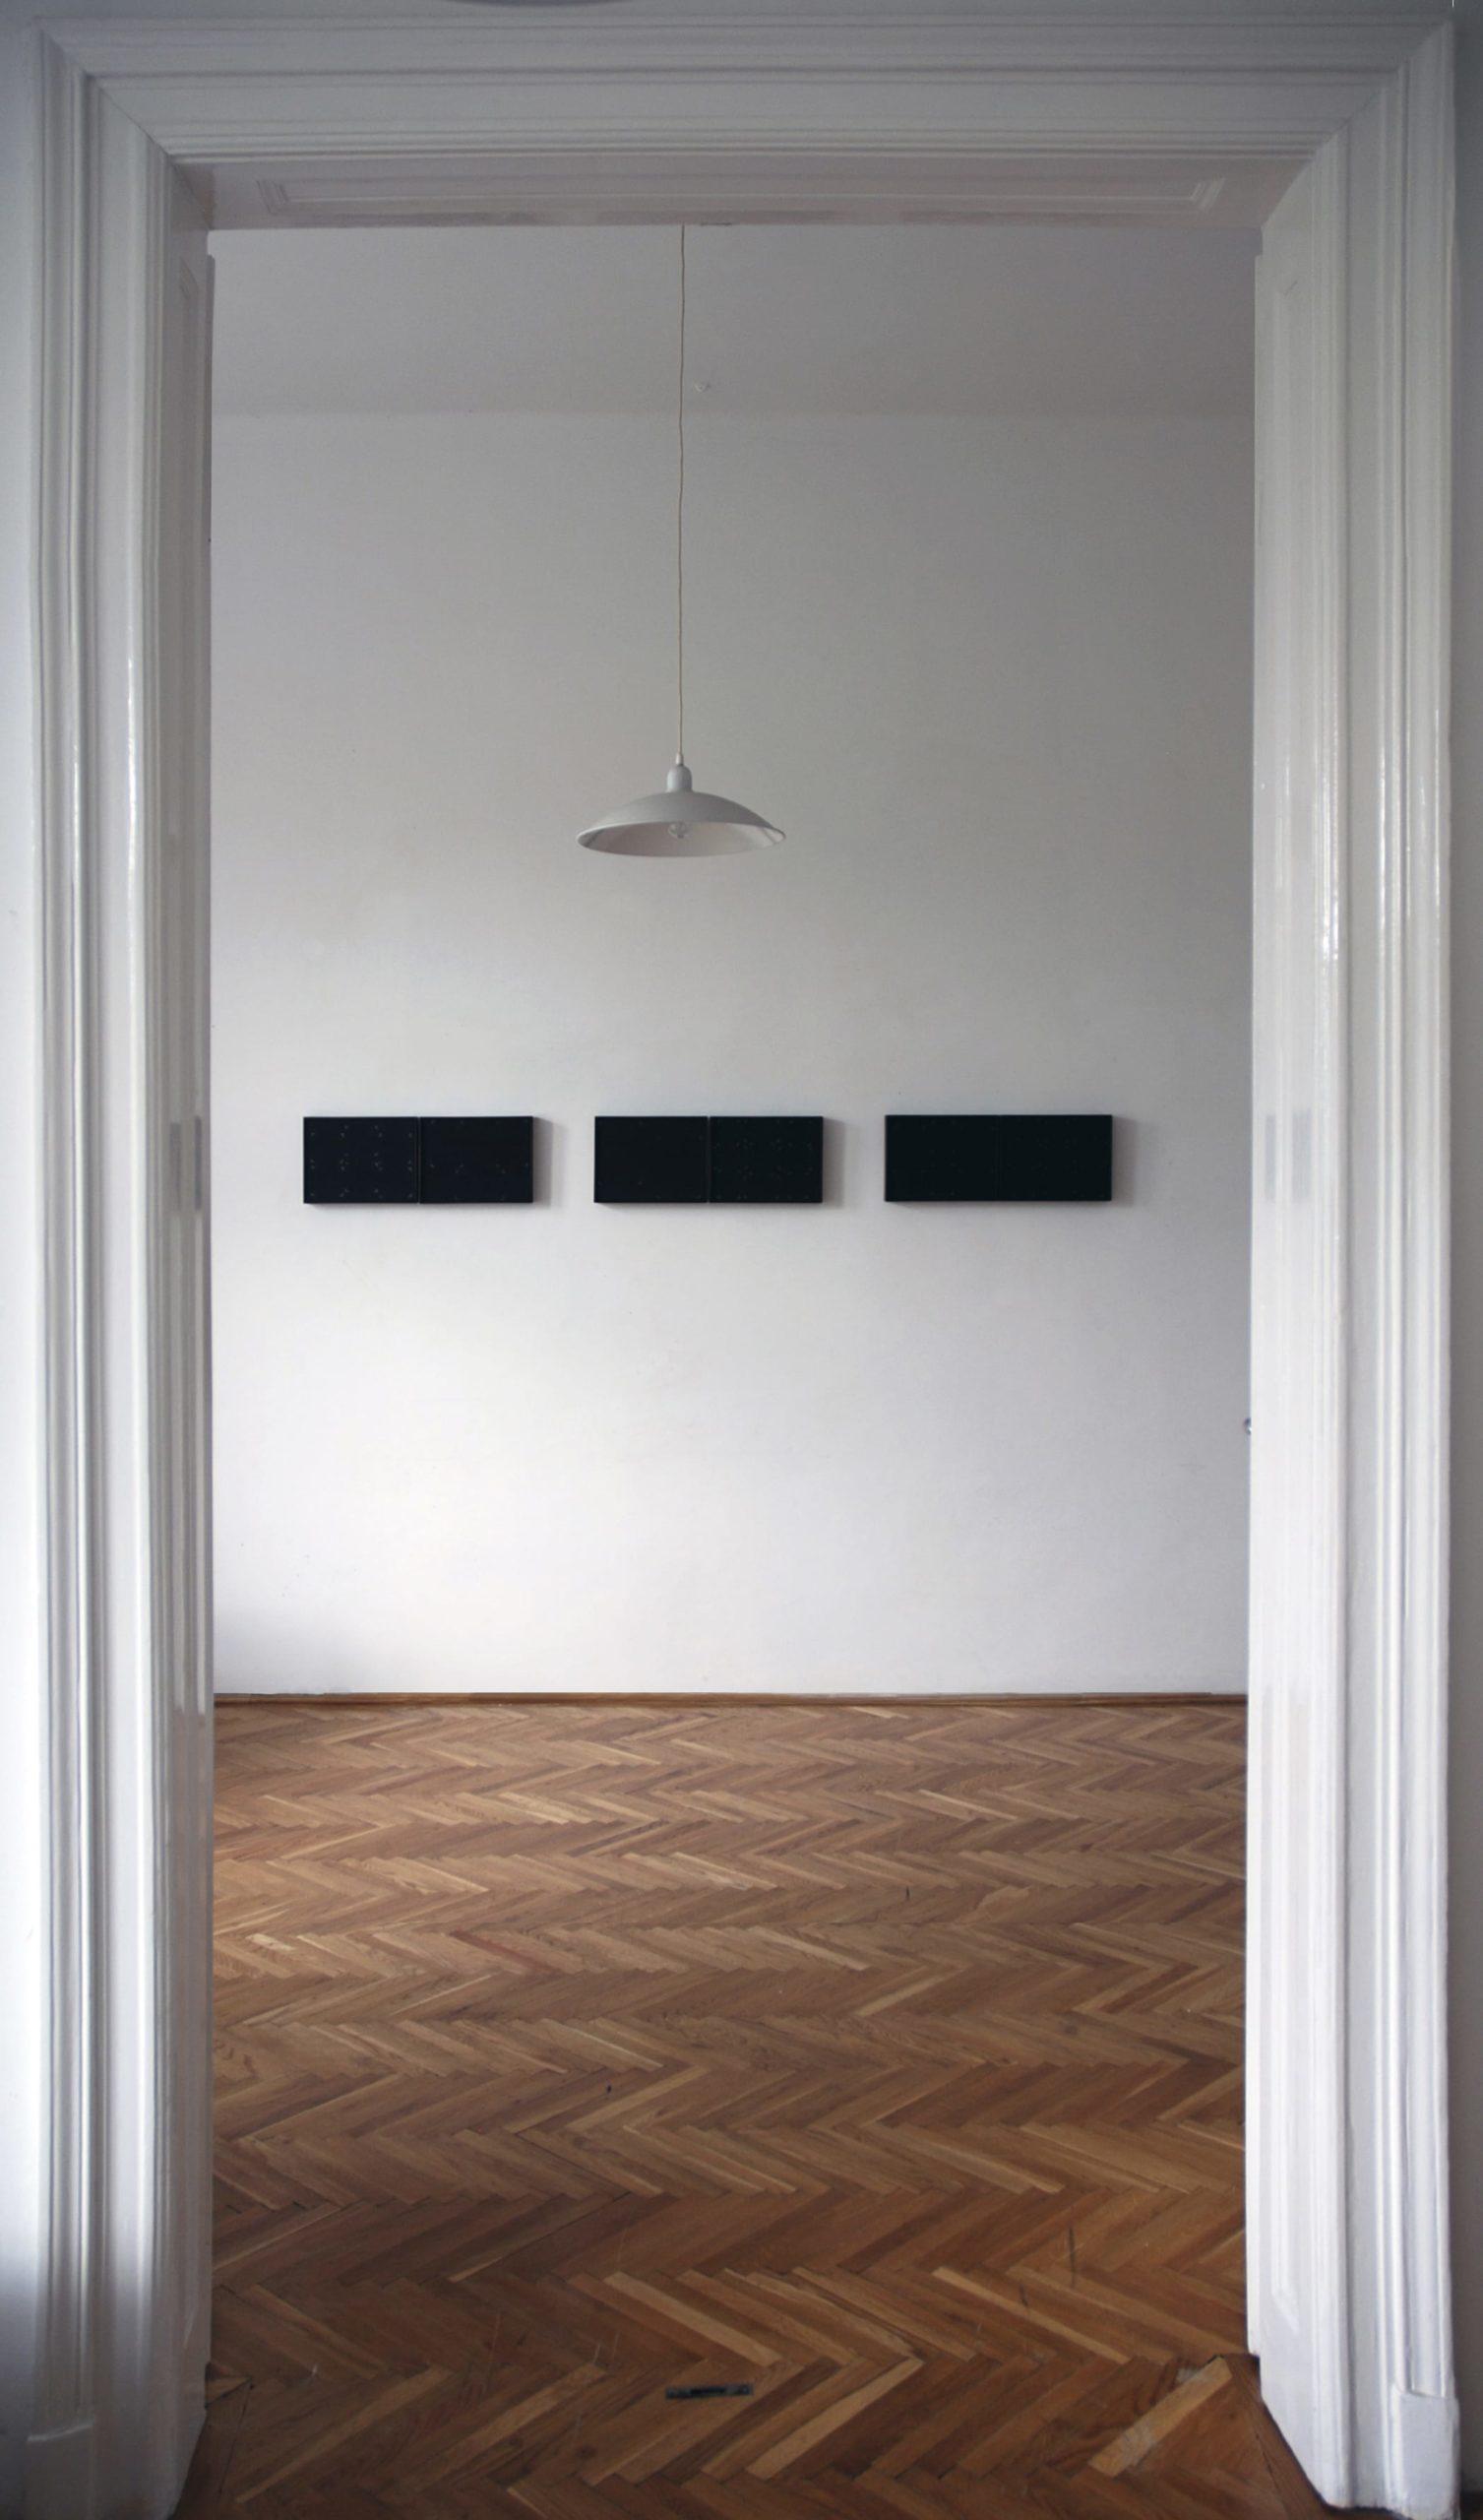 Katharina-Stiglitz-I-was-Here-02